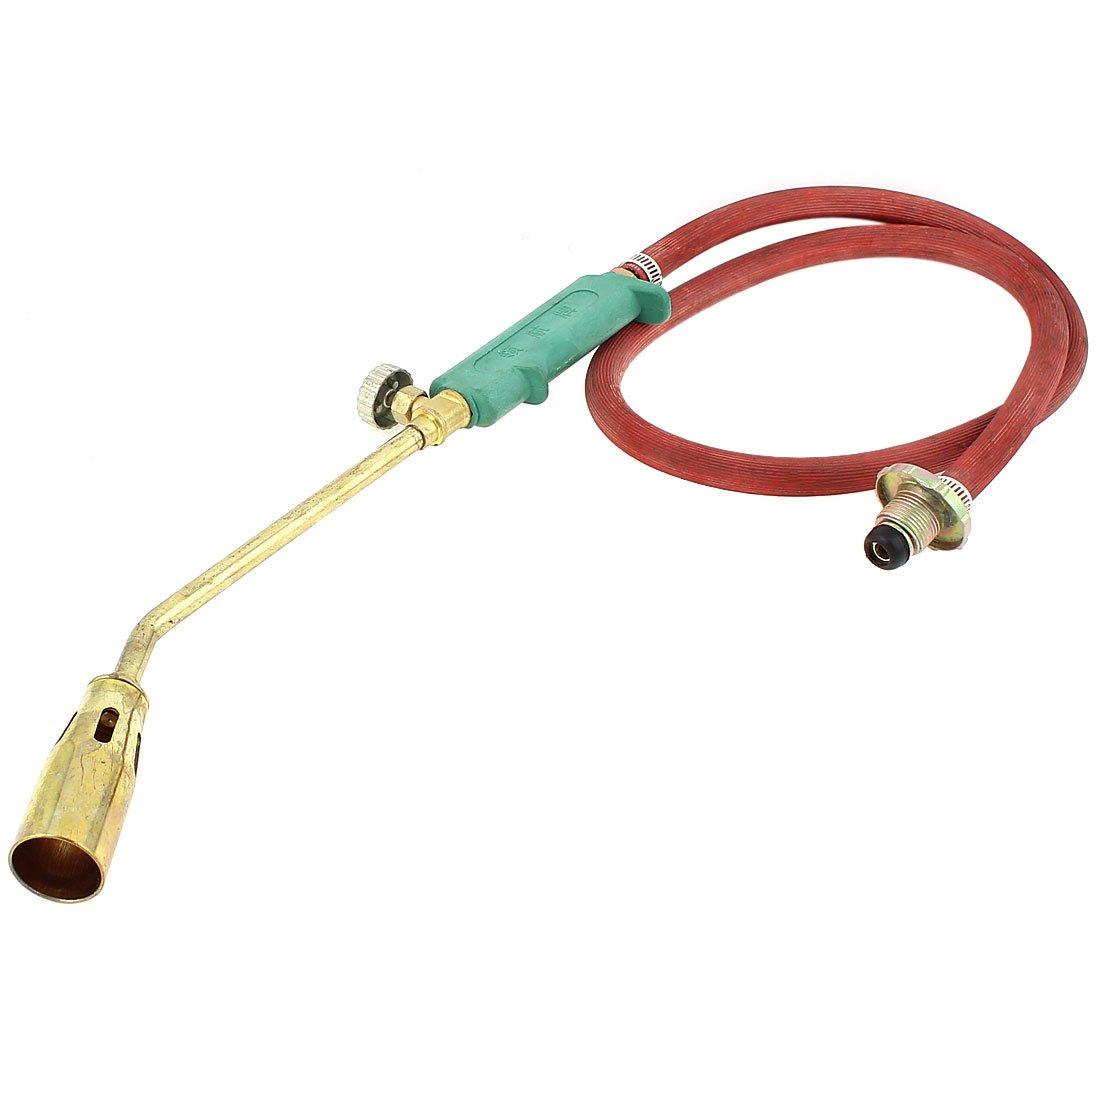 Sourcingmap A15062900ux0029Plastique Grip Tube à gaz Liquéfié Chalumeau allumage Piézo–Doré/Rouge/Vert